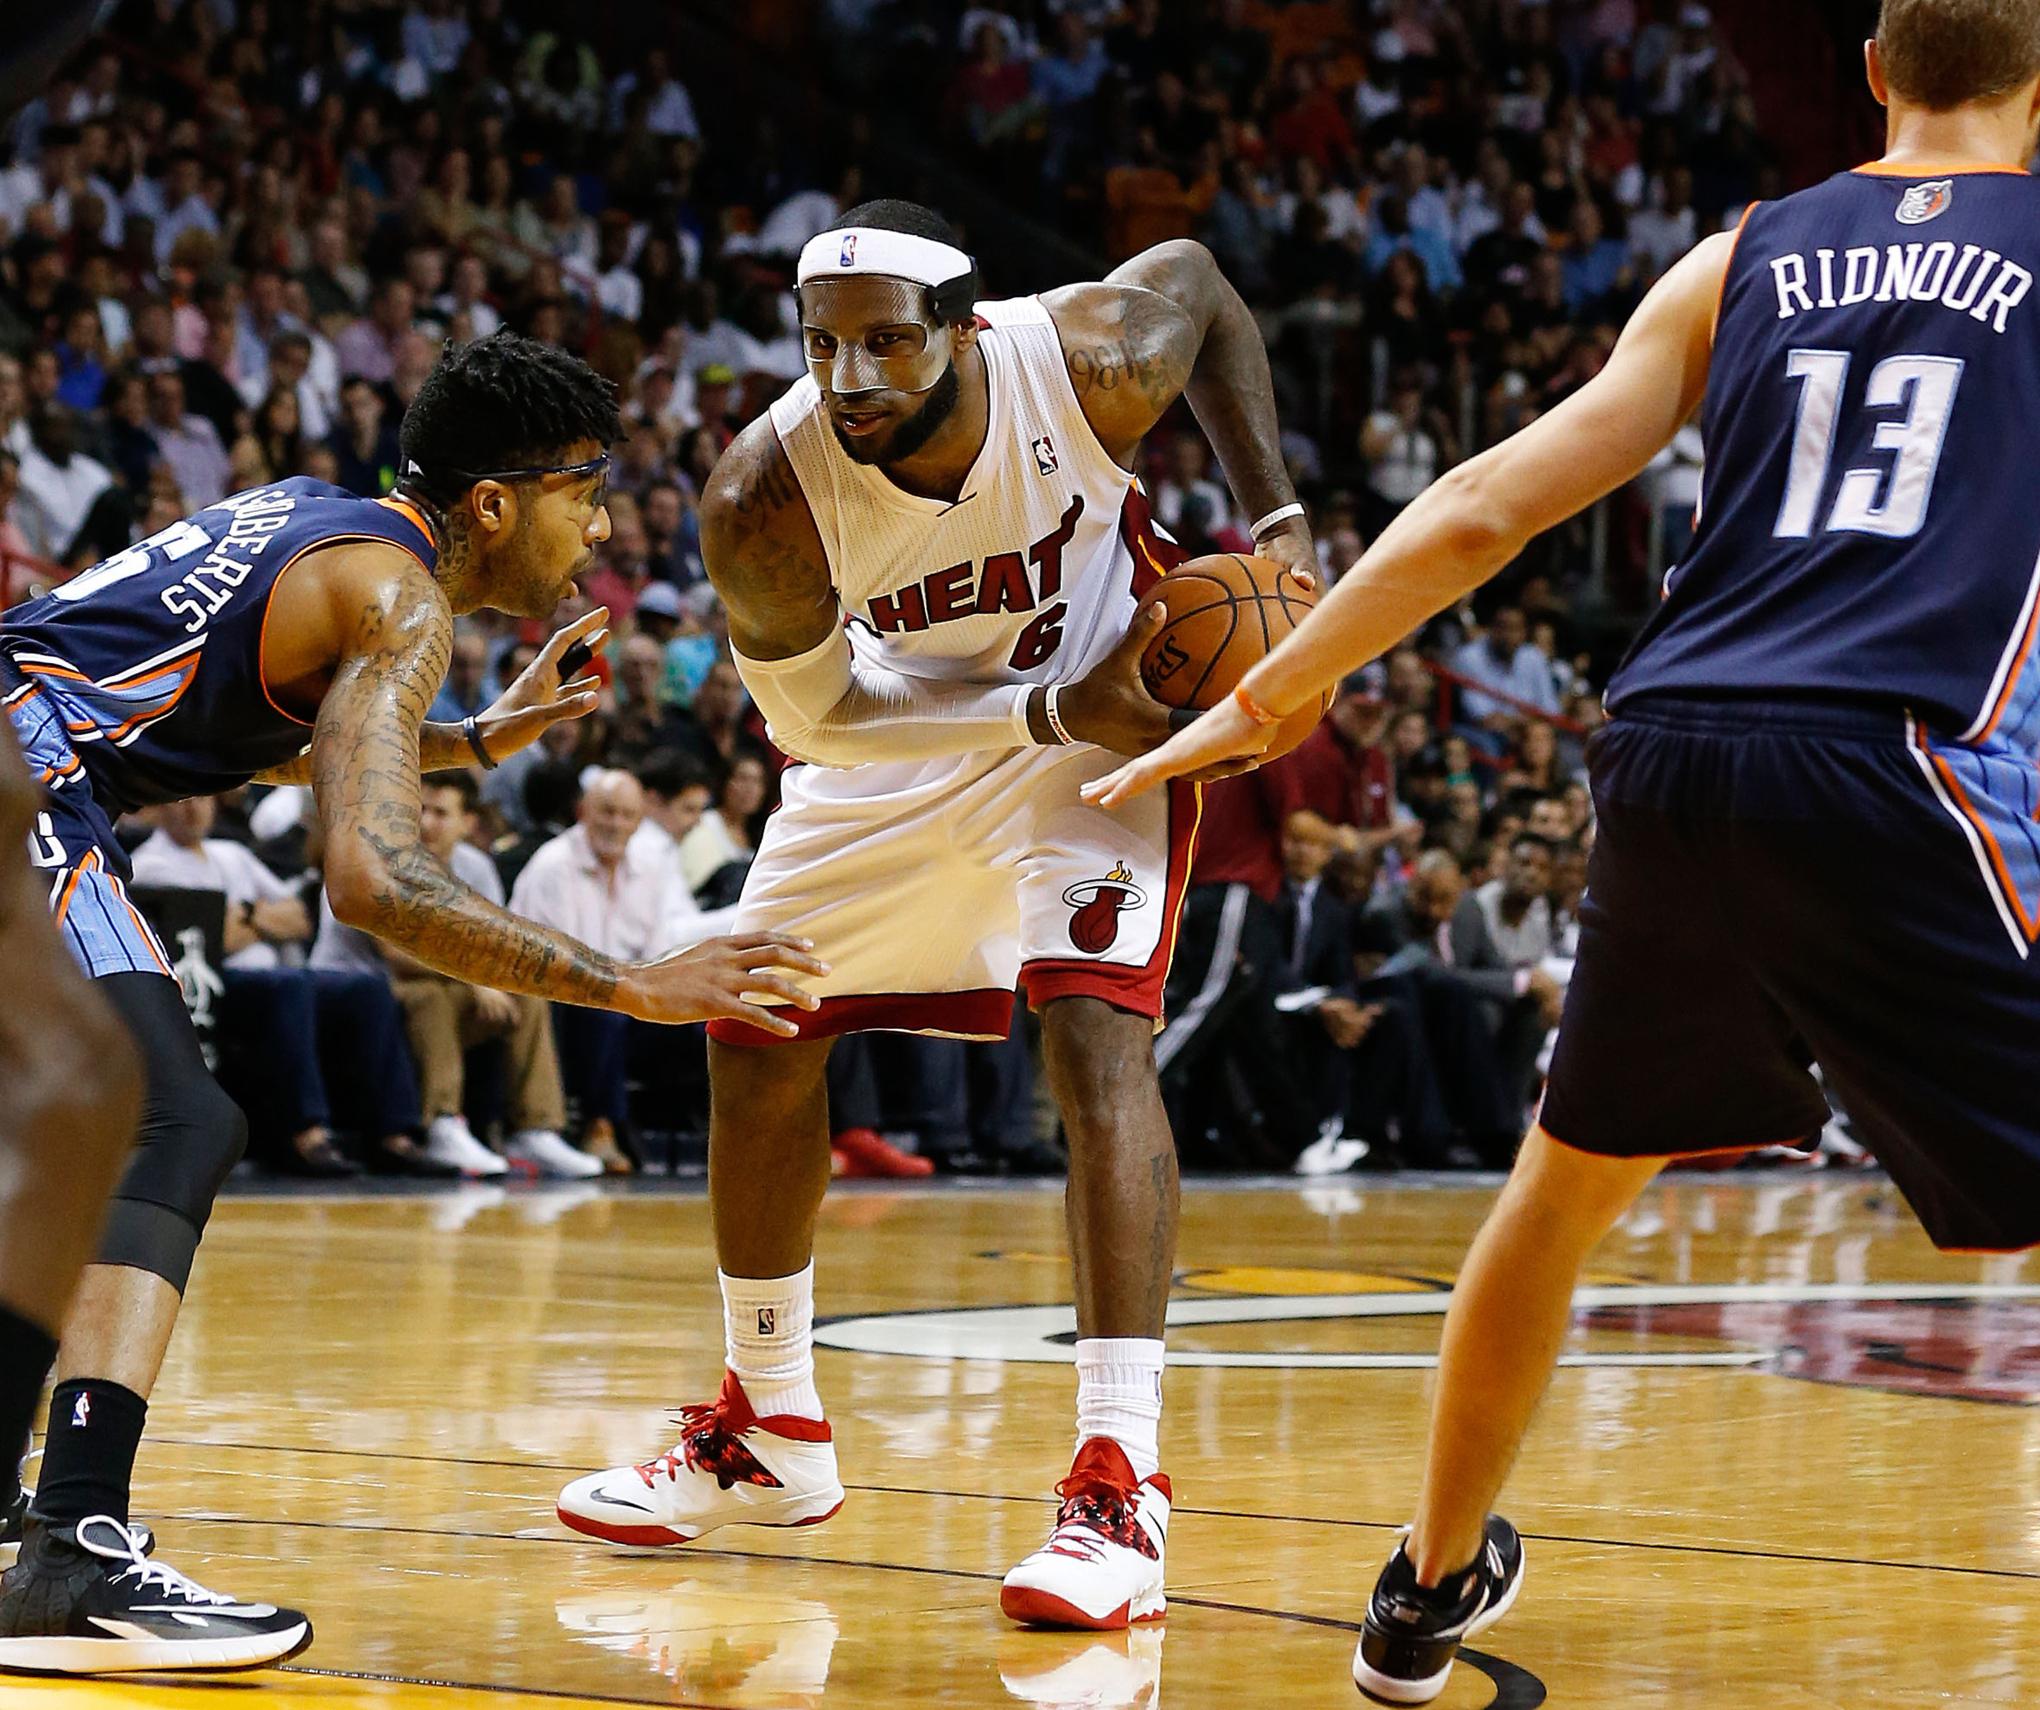 Nba: NBA Playoffs Schedule 2014: Clippers-Warriors, Rockets